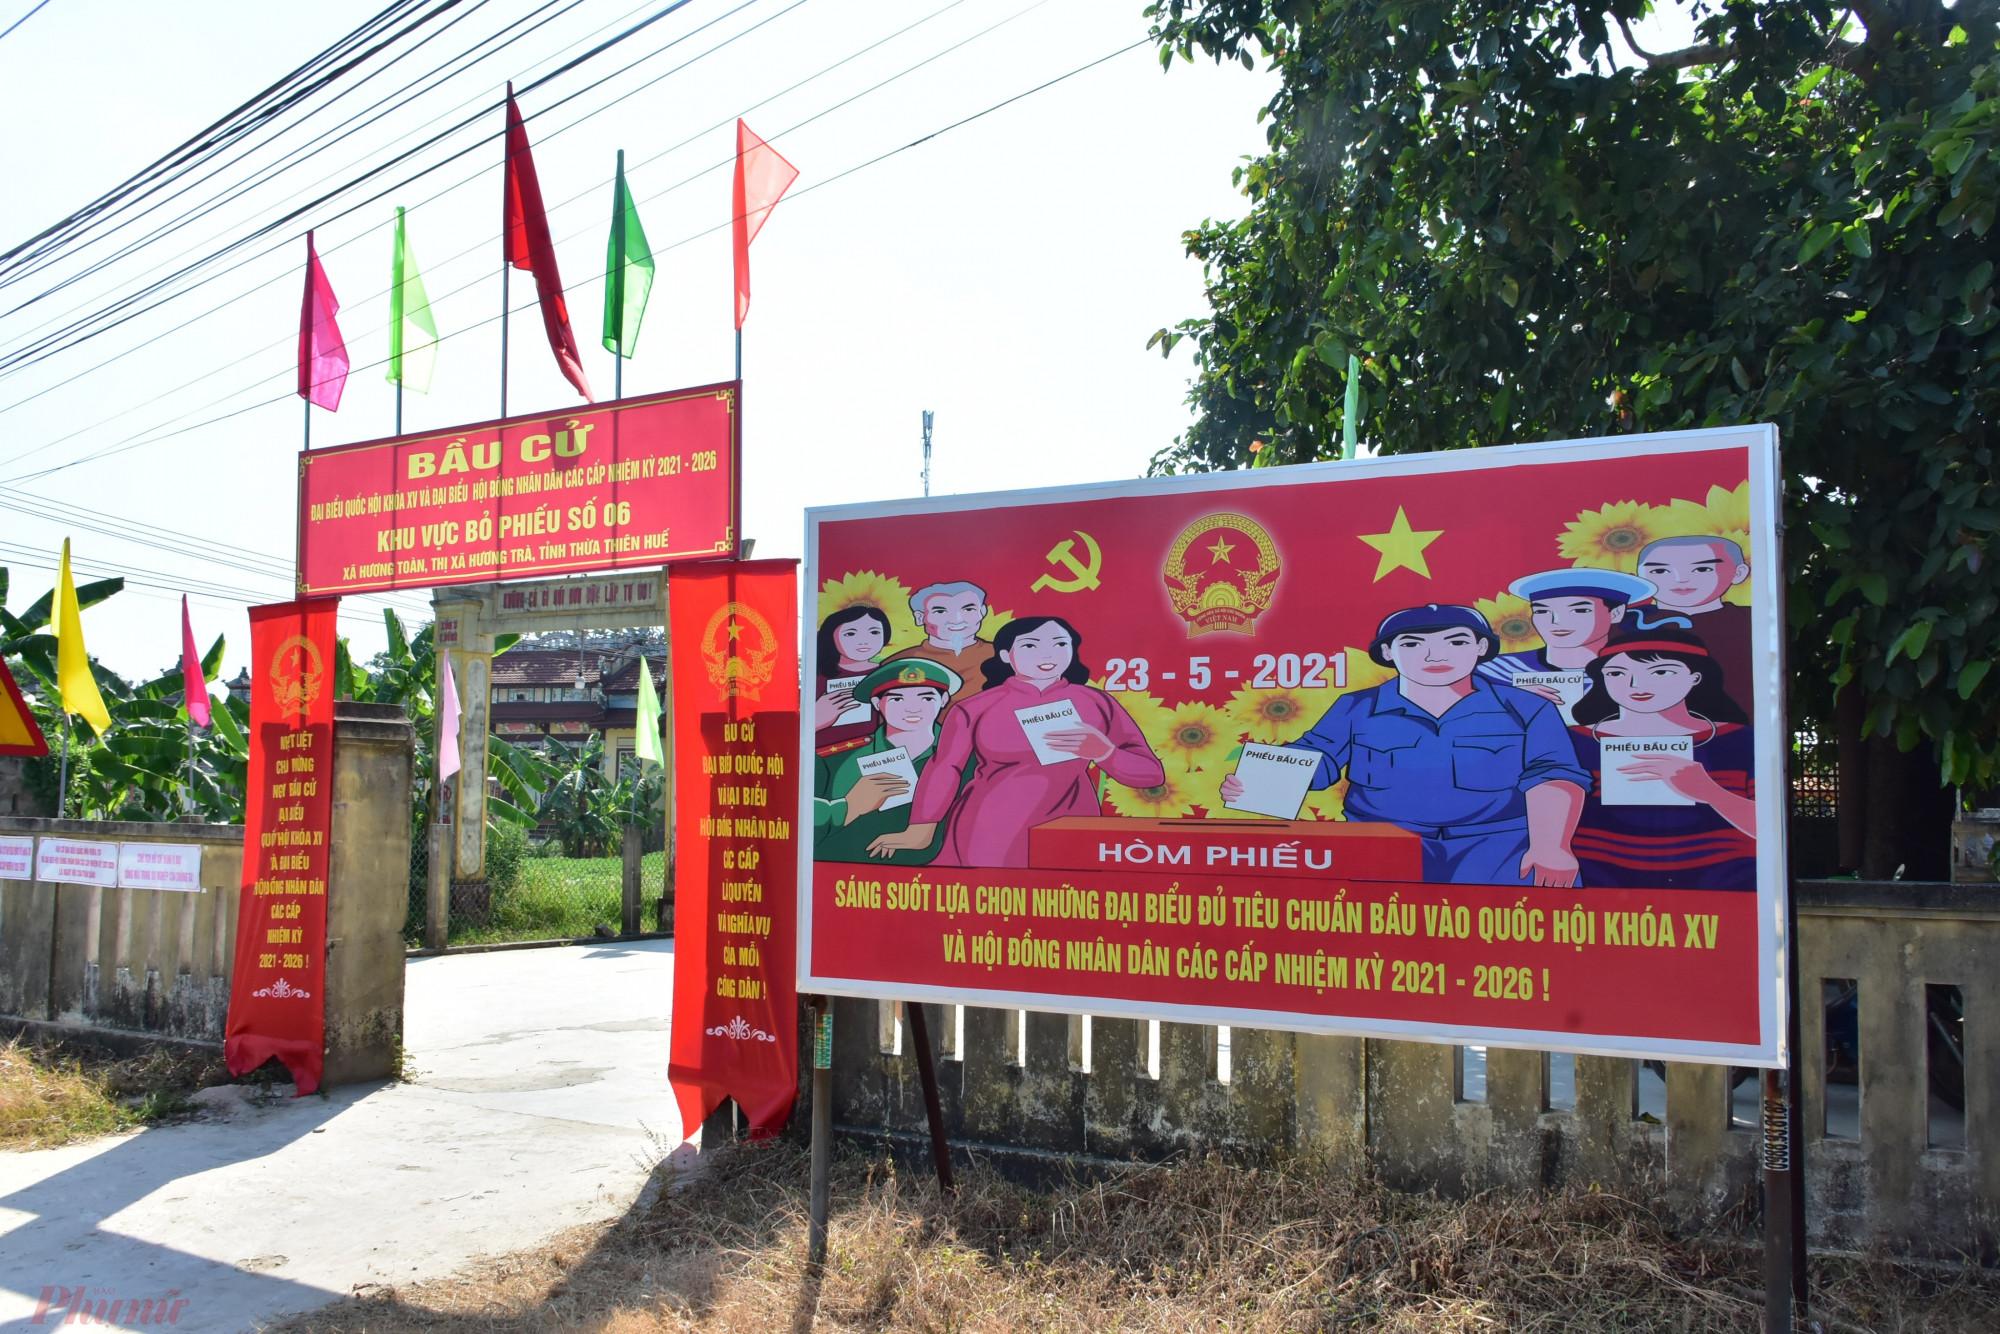 tại Ủy ban bầu cử thị xã Hương trà, các khu vực bỏ phiếu trên địa bàn thị xã và huyện Quảng Điền. Qua kiểm tra thực tế, công tác chuẩn bị bầu cử tại các được triển khai đồng bộ, chặt chẽ; các bước chuẩn bị cho bầu cử cơ bản đã bám sát kế hoạch, đúng trình tự